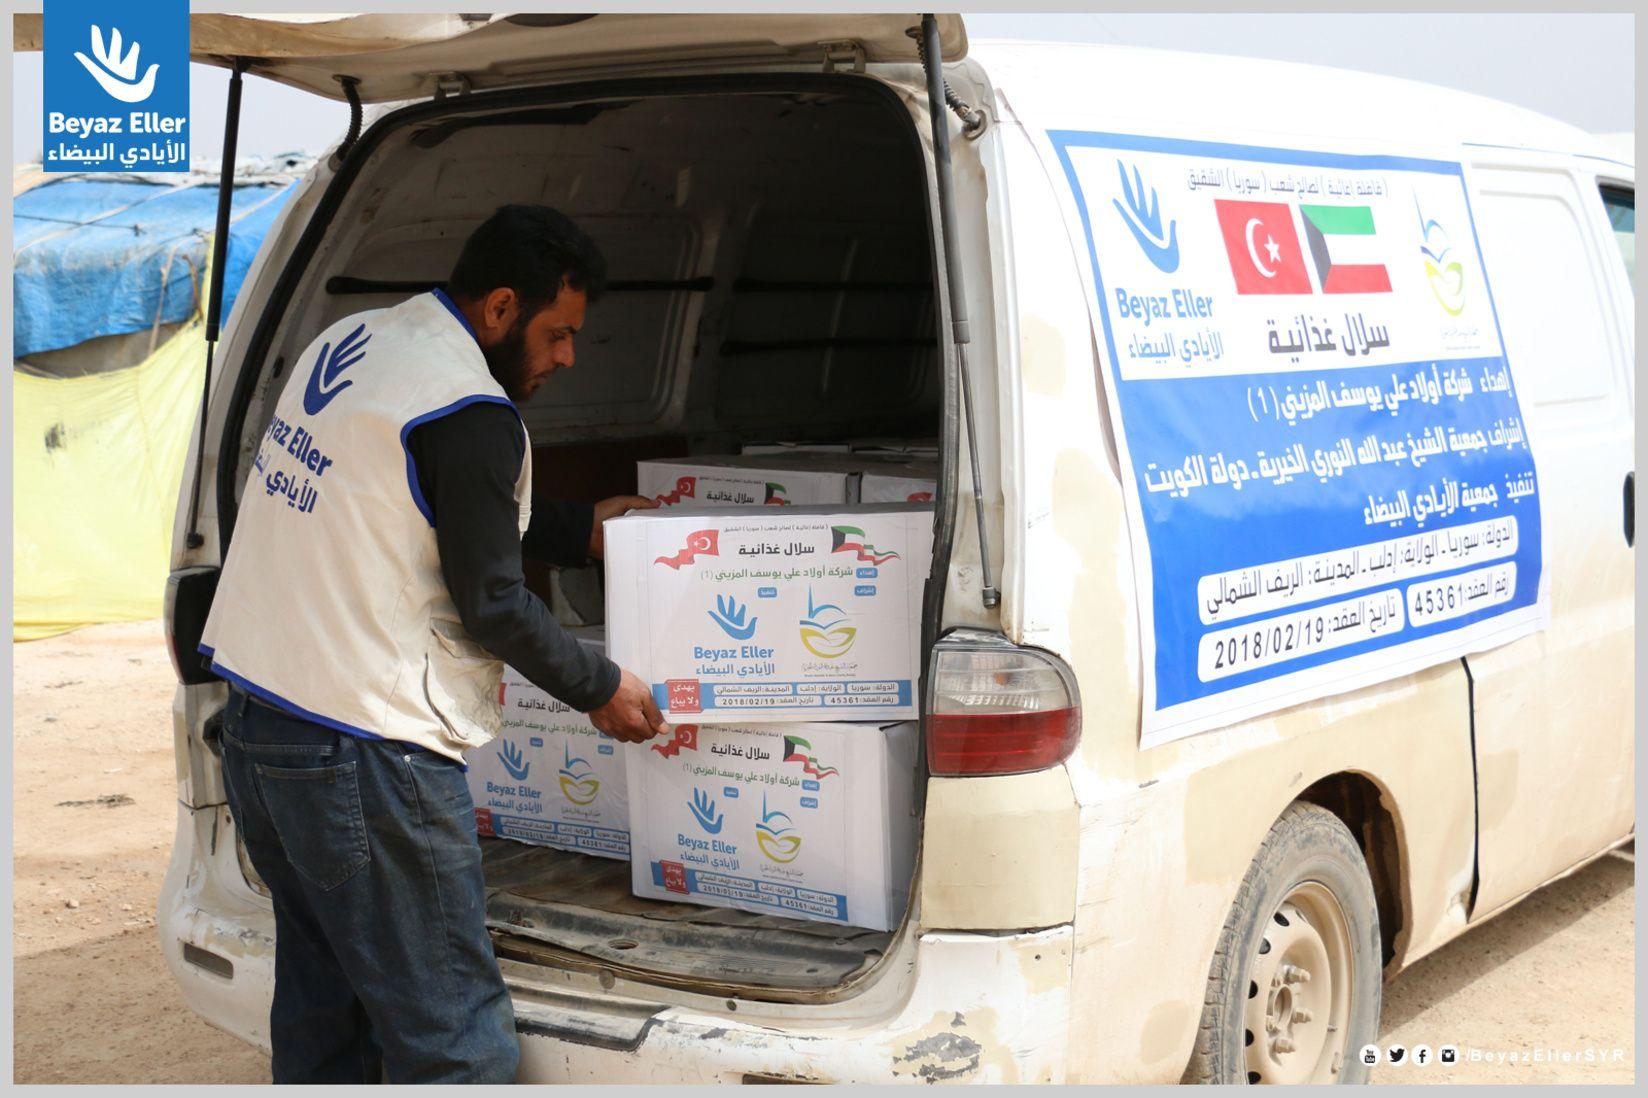 فريق الأيادي البيضاء أثناء توزيع سلة غذائية على النازحين في ريف إدلب بدعم جمعية الشيخ عبد الله النوري الخيرية Instagram Van Vehicles